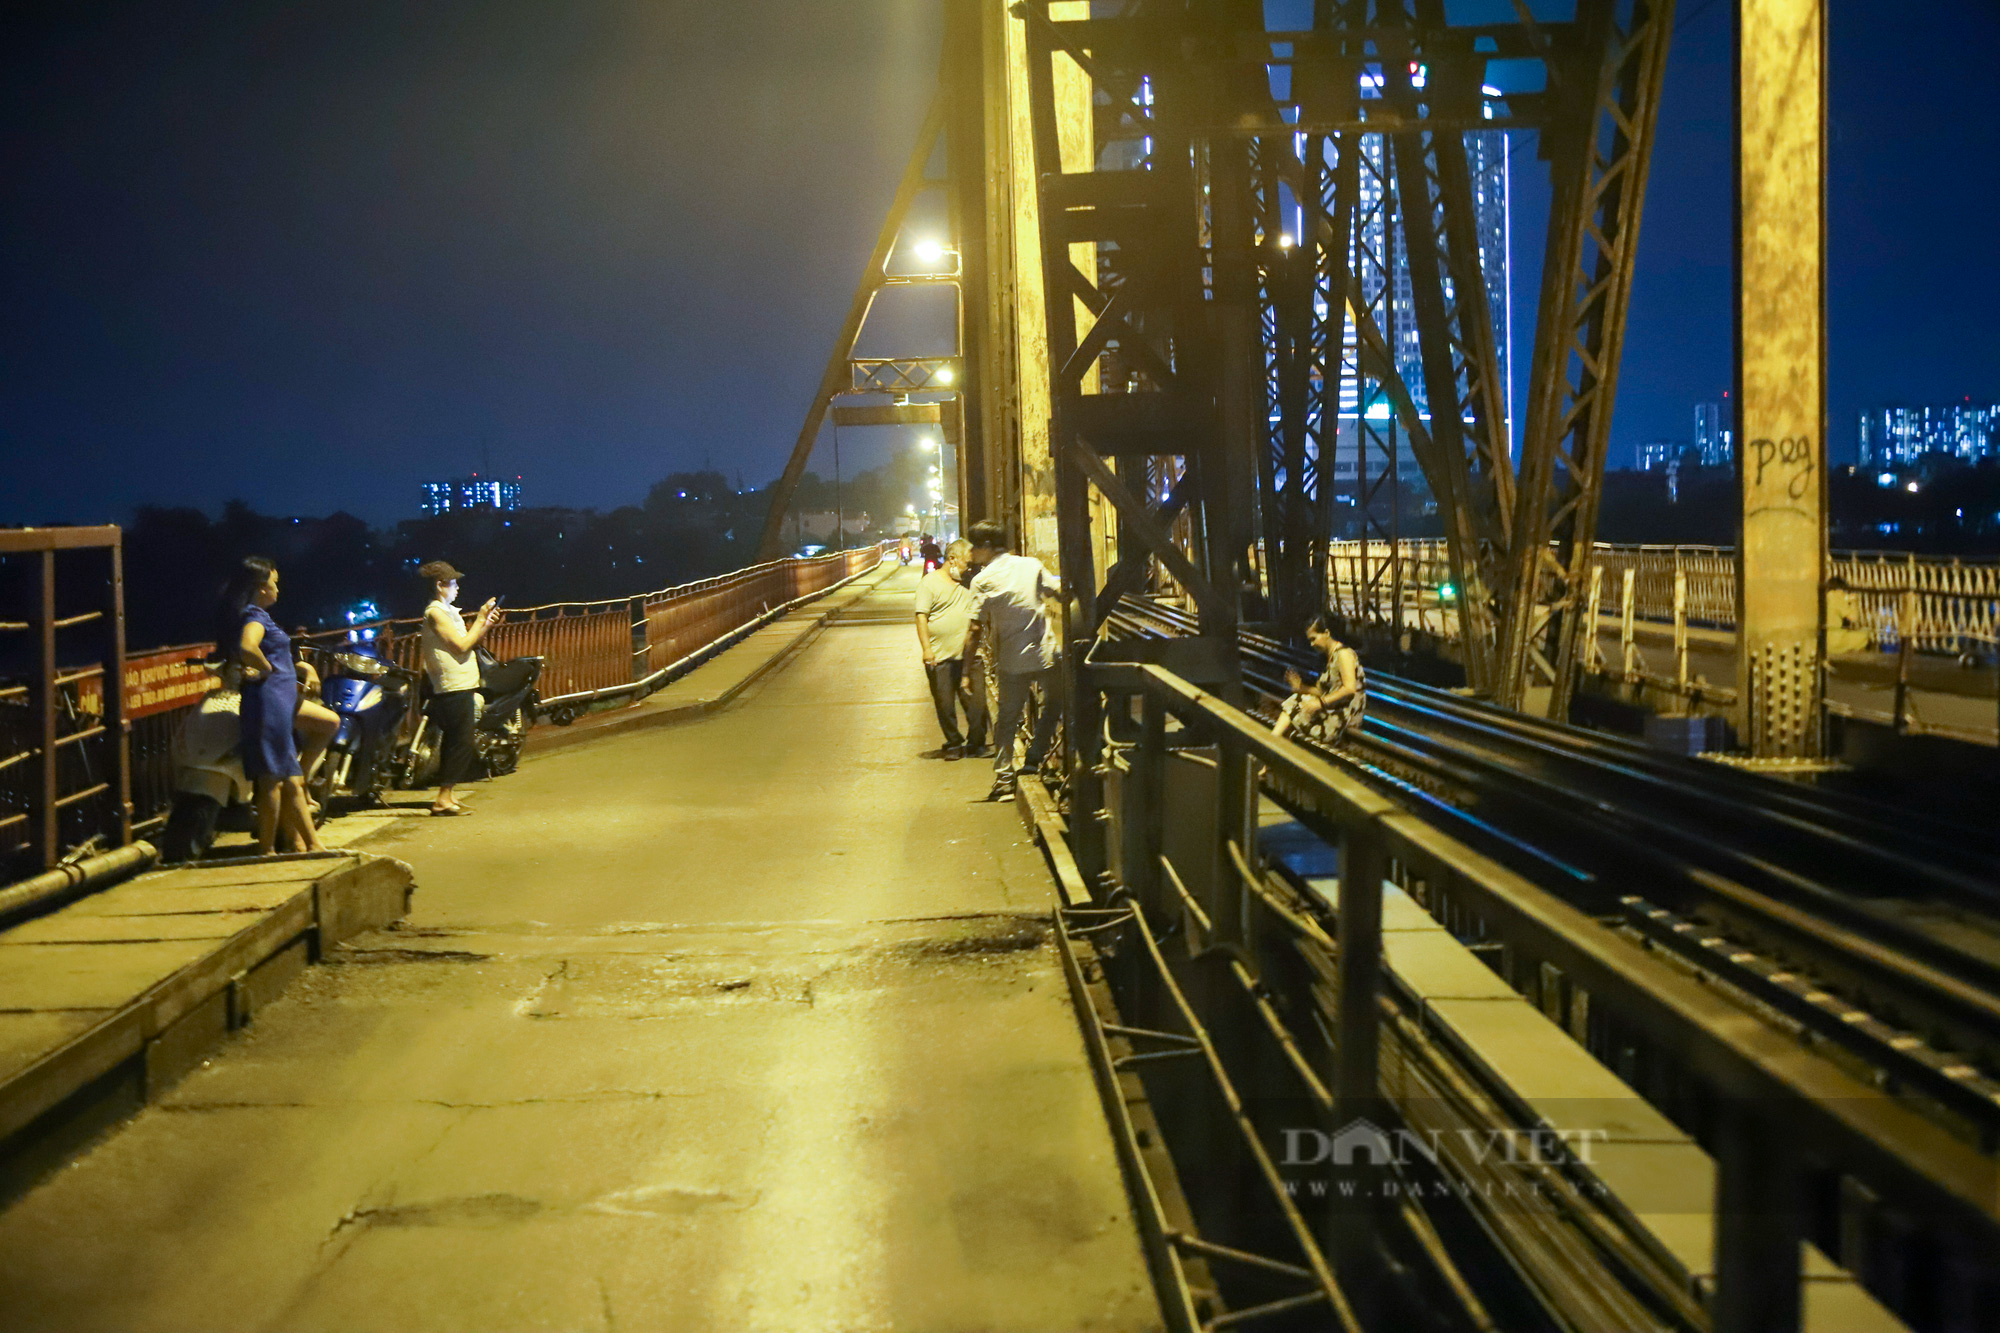 Cầu Long Biên đông đúc người hóng gió, bất chấp lệnh giãn cách xã hội - Ảnh 5.